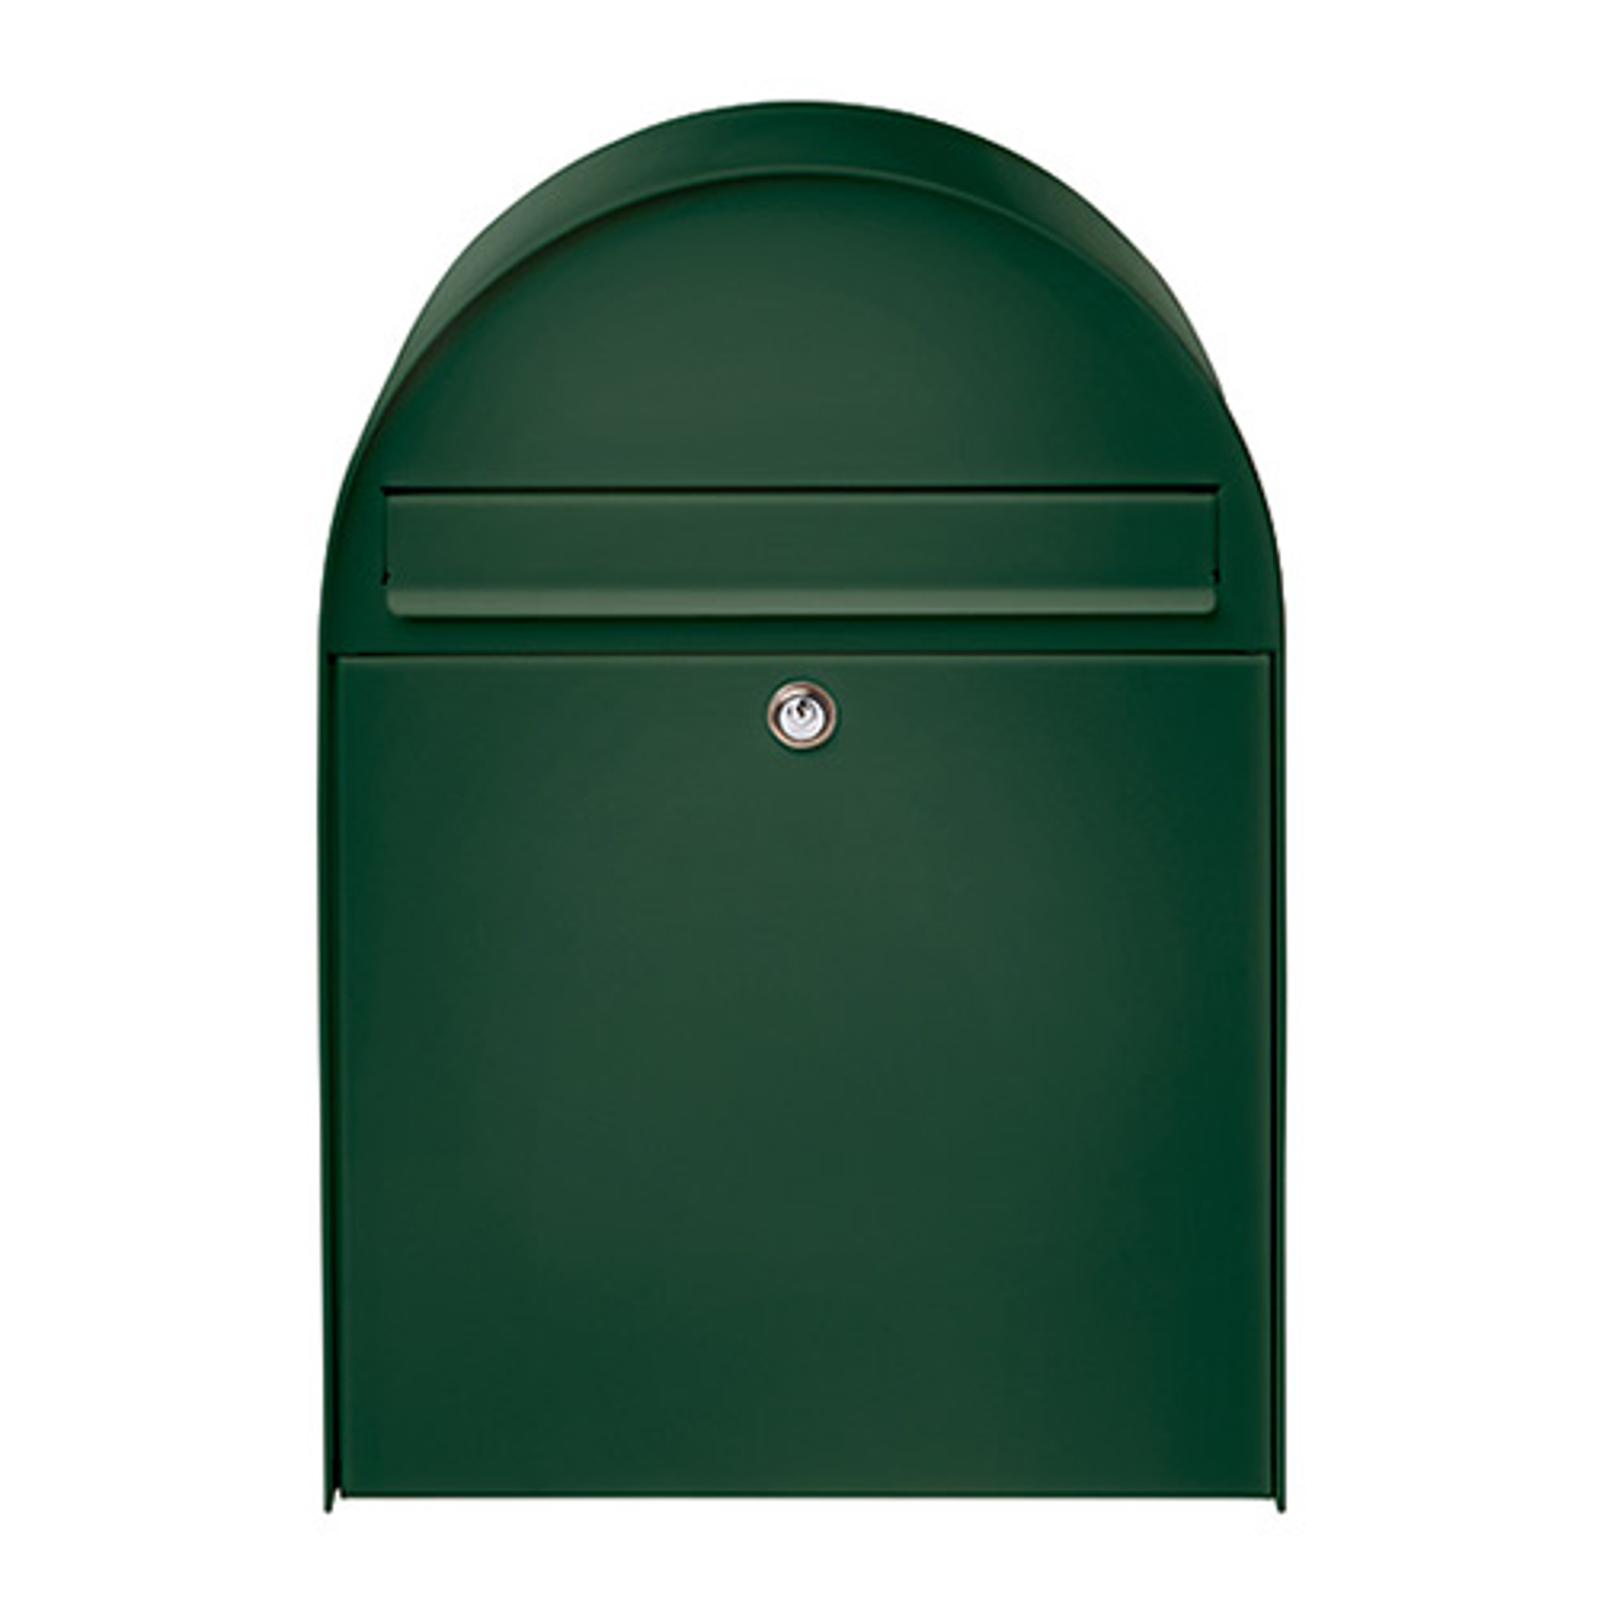 Nordic 780 - grote brievenbus, groen gecoat